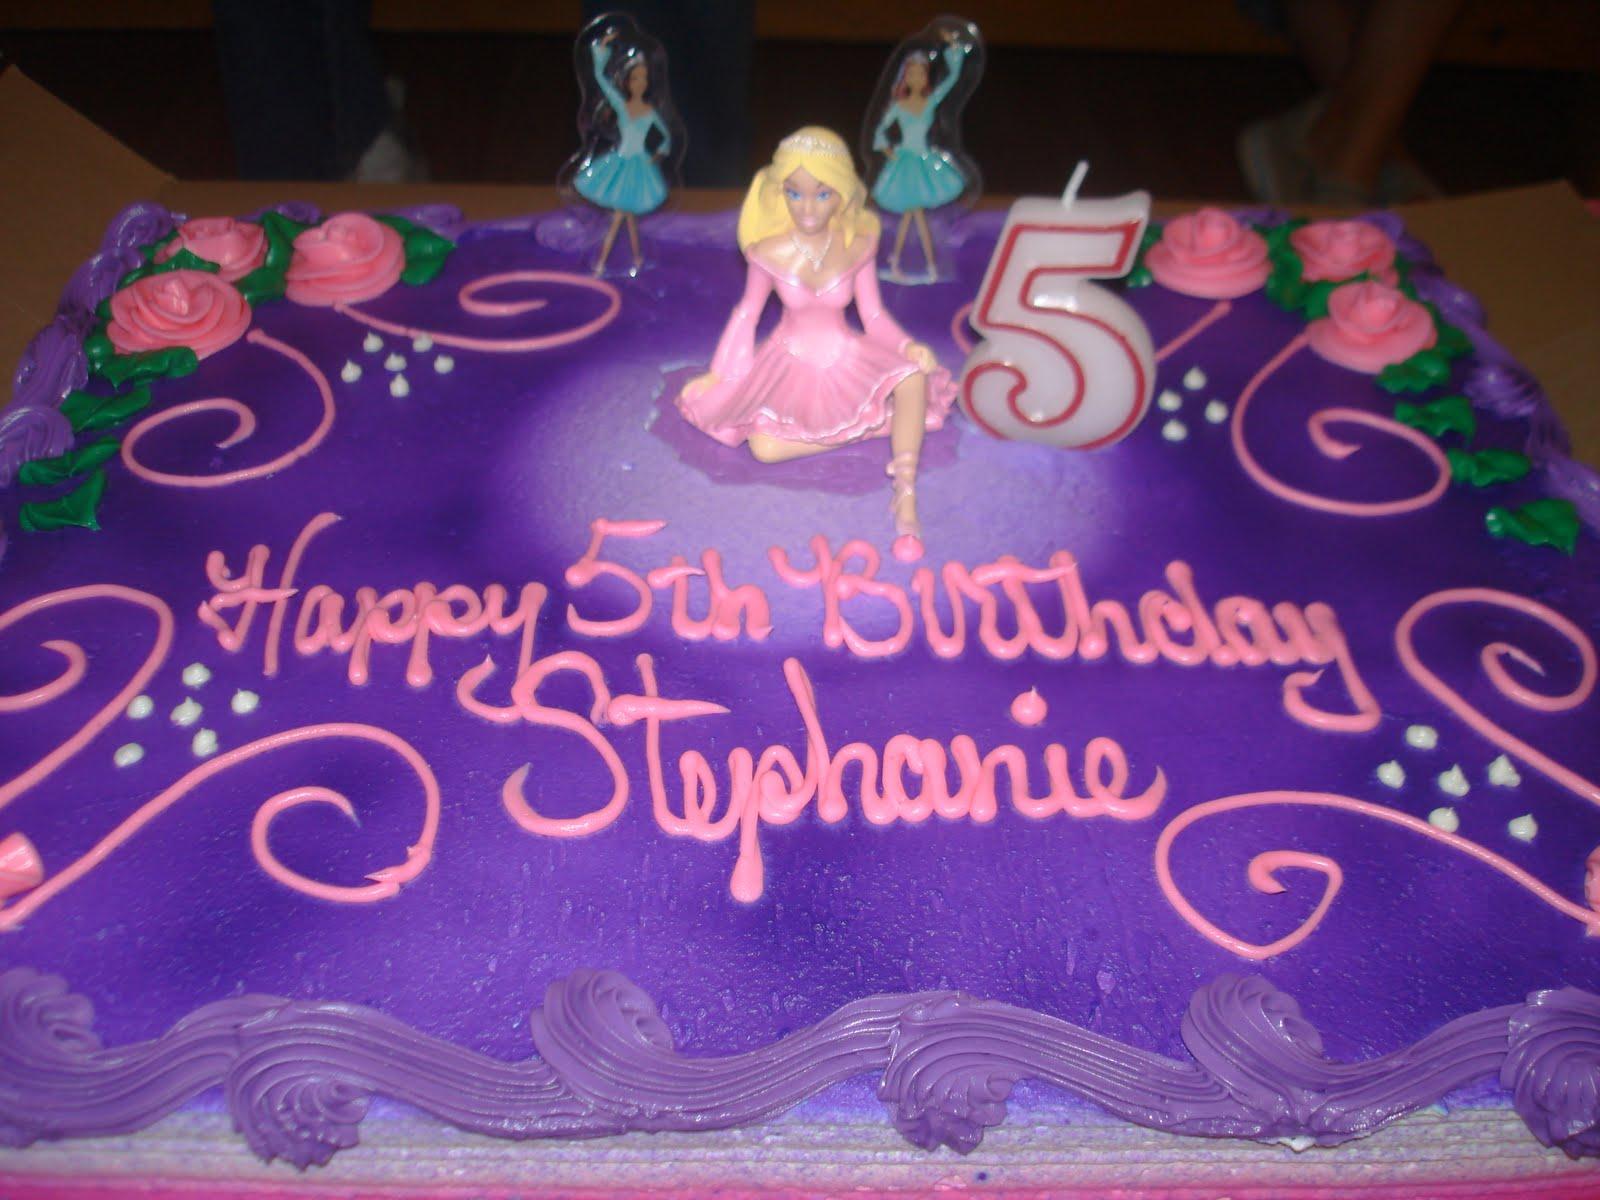 Cake Designs Safeway : Safeway Birthday Cakes Cake Ideas and Designs